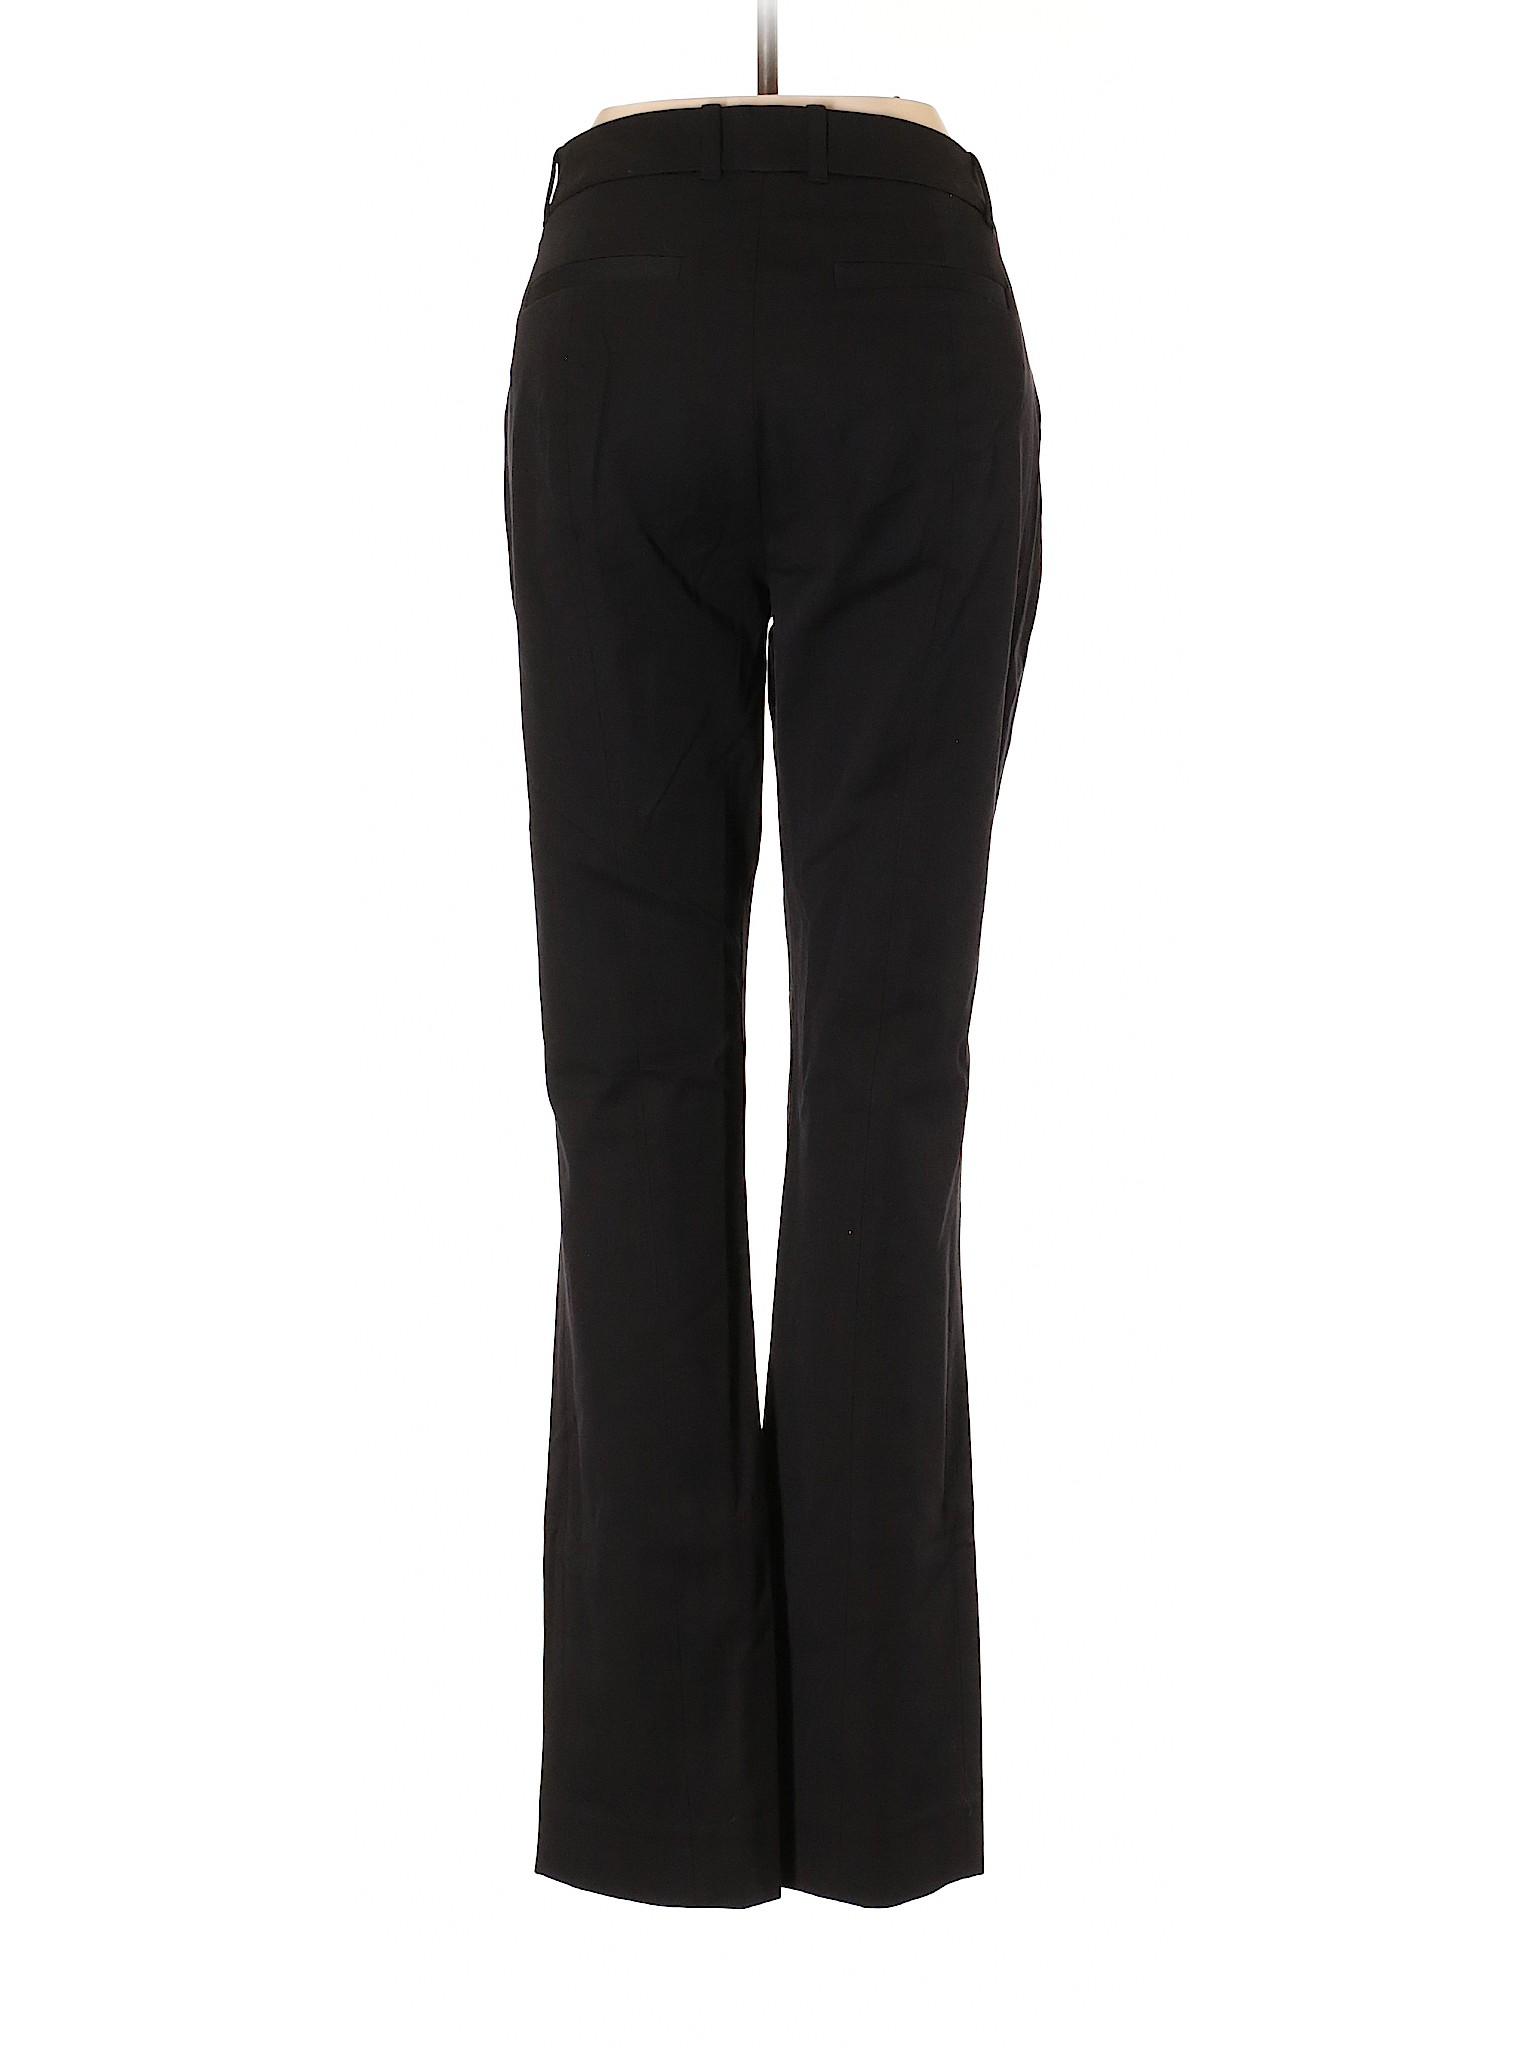 Pants Factory Dress Crew winter Boutique J Store vfZBYZP